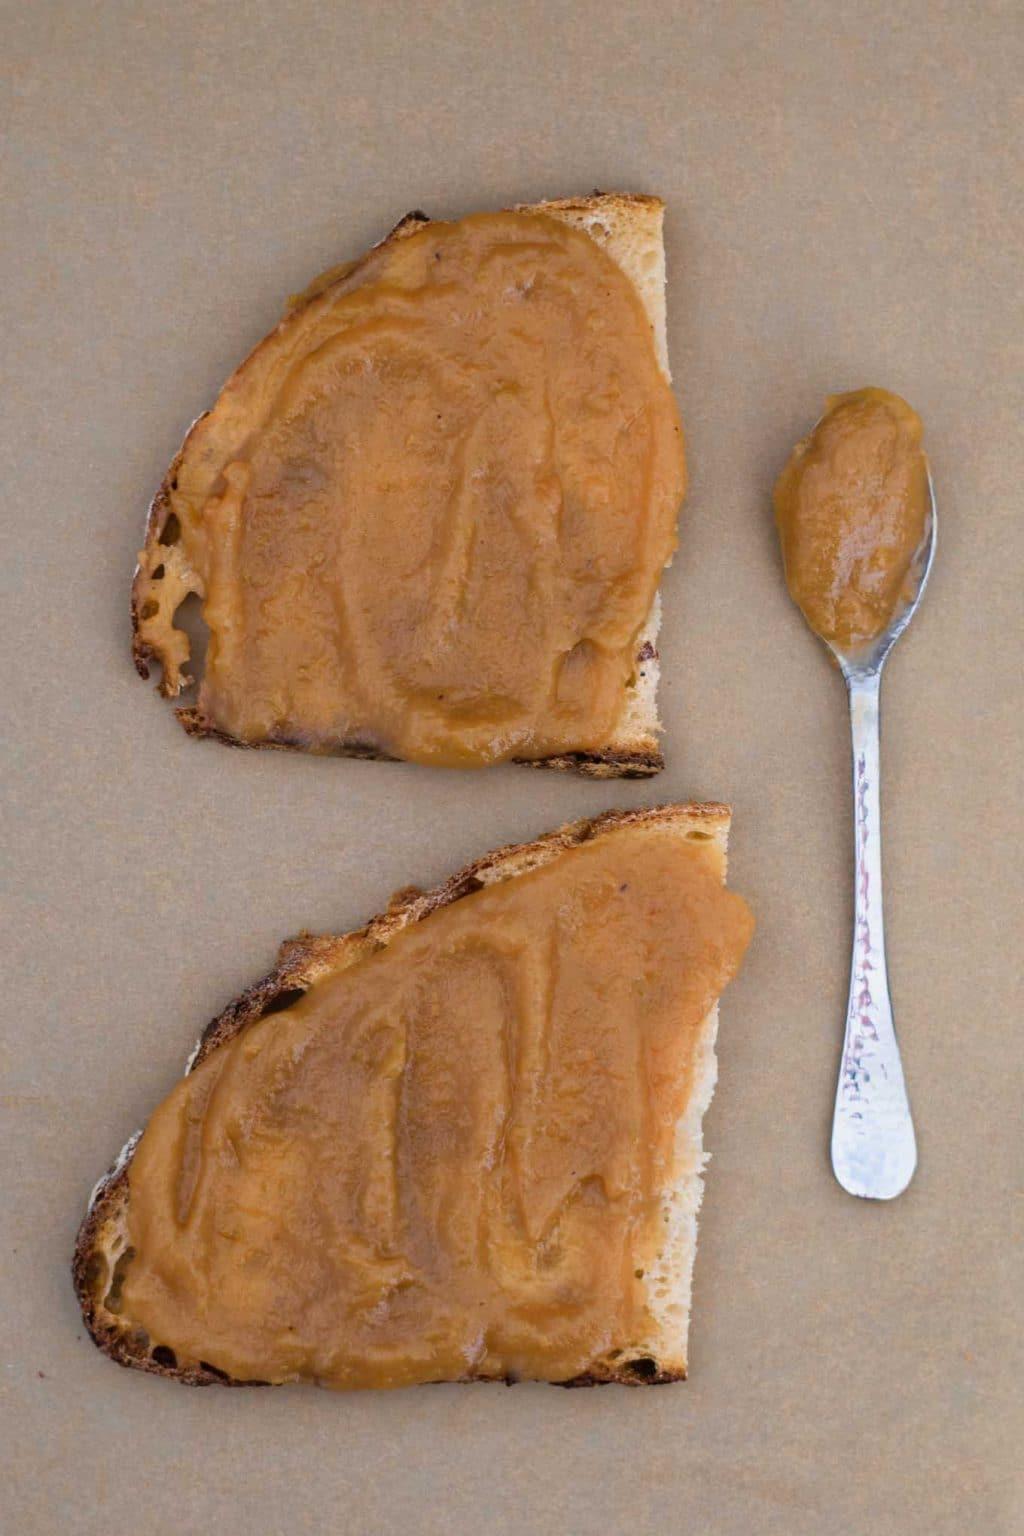 apple butter spread on bread